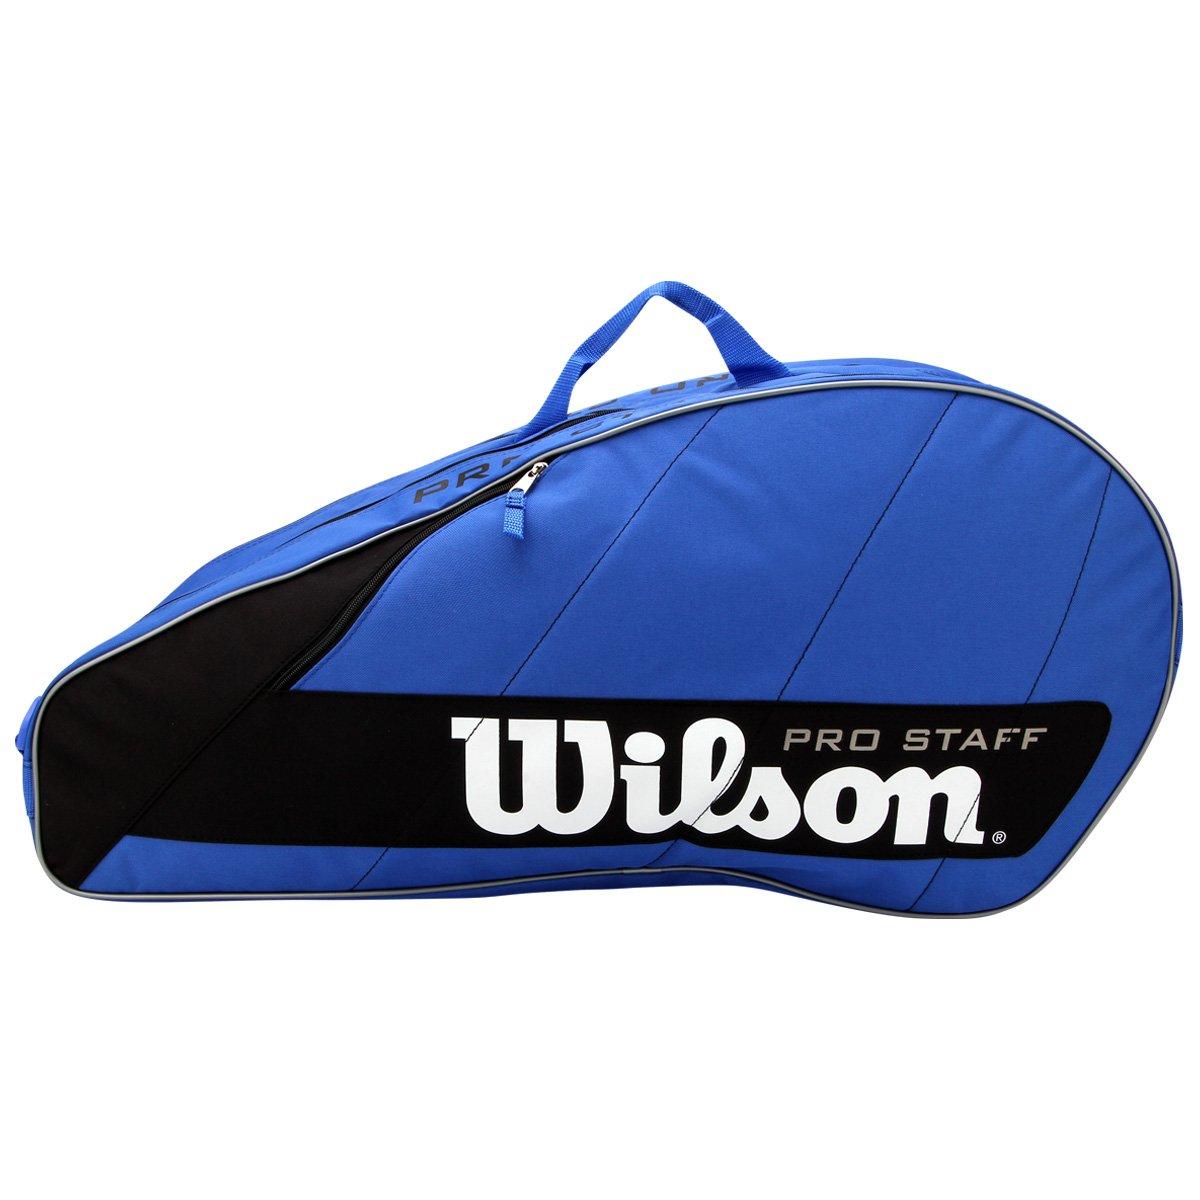 c32e1aae23 Raqueteira Wilson Pro Staff - Compre Agora